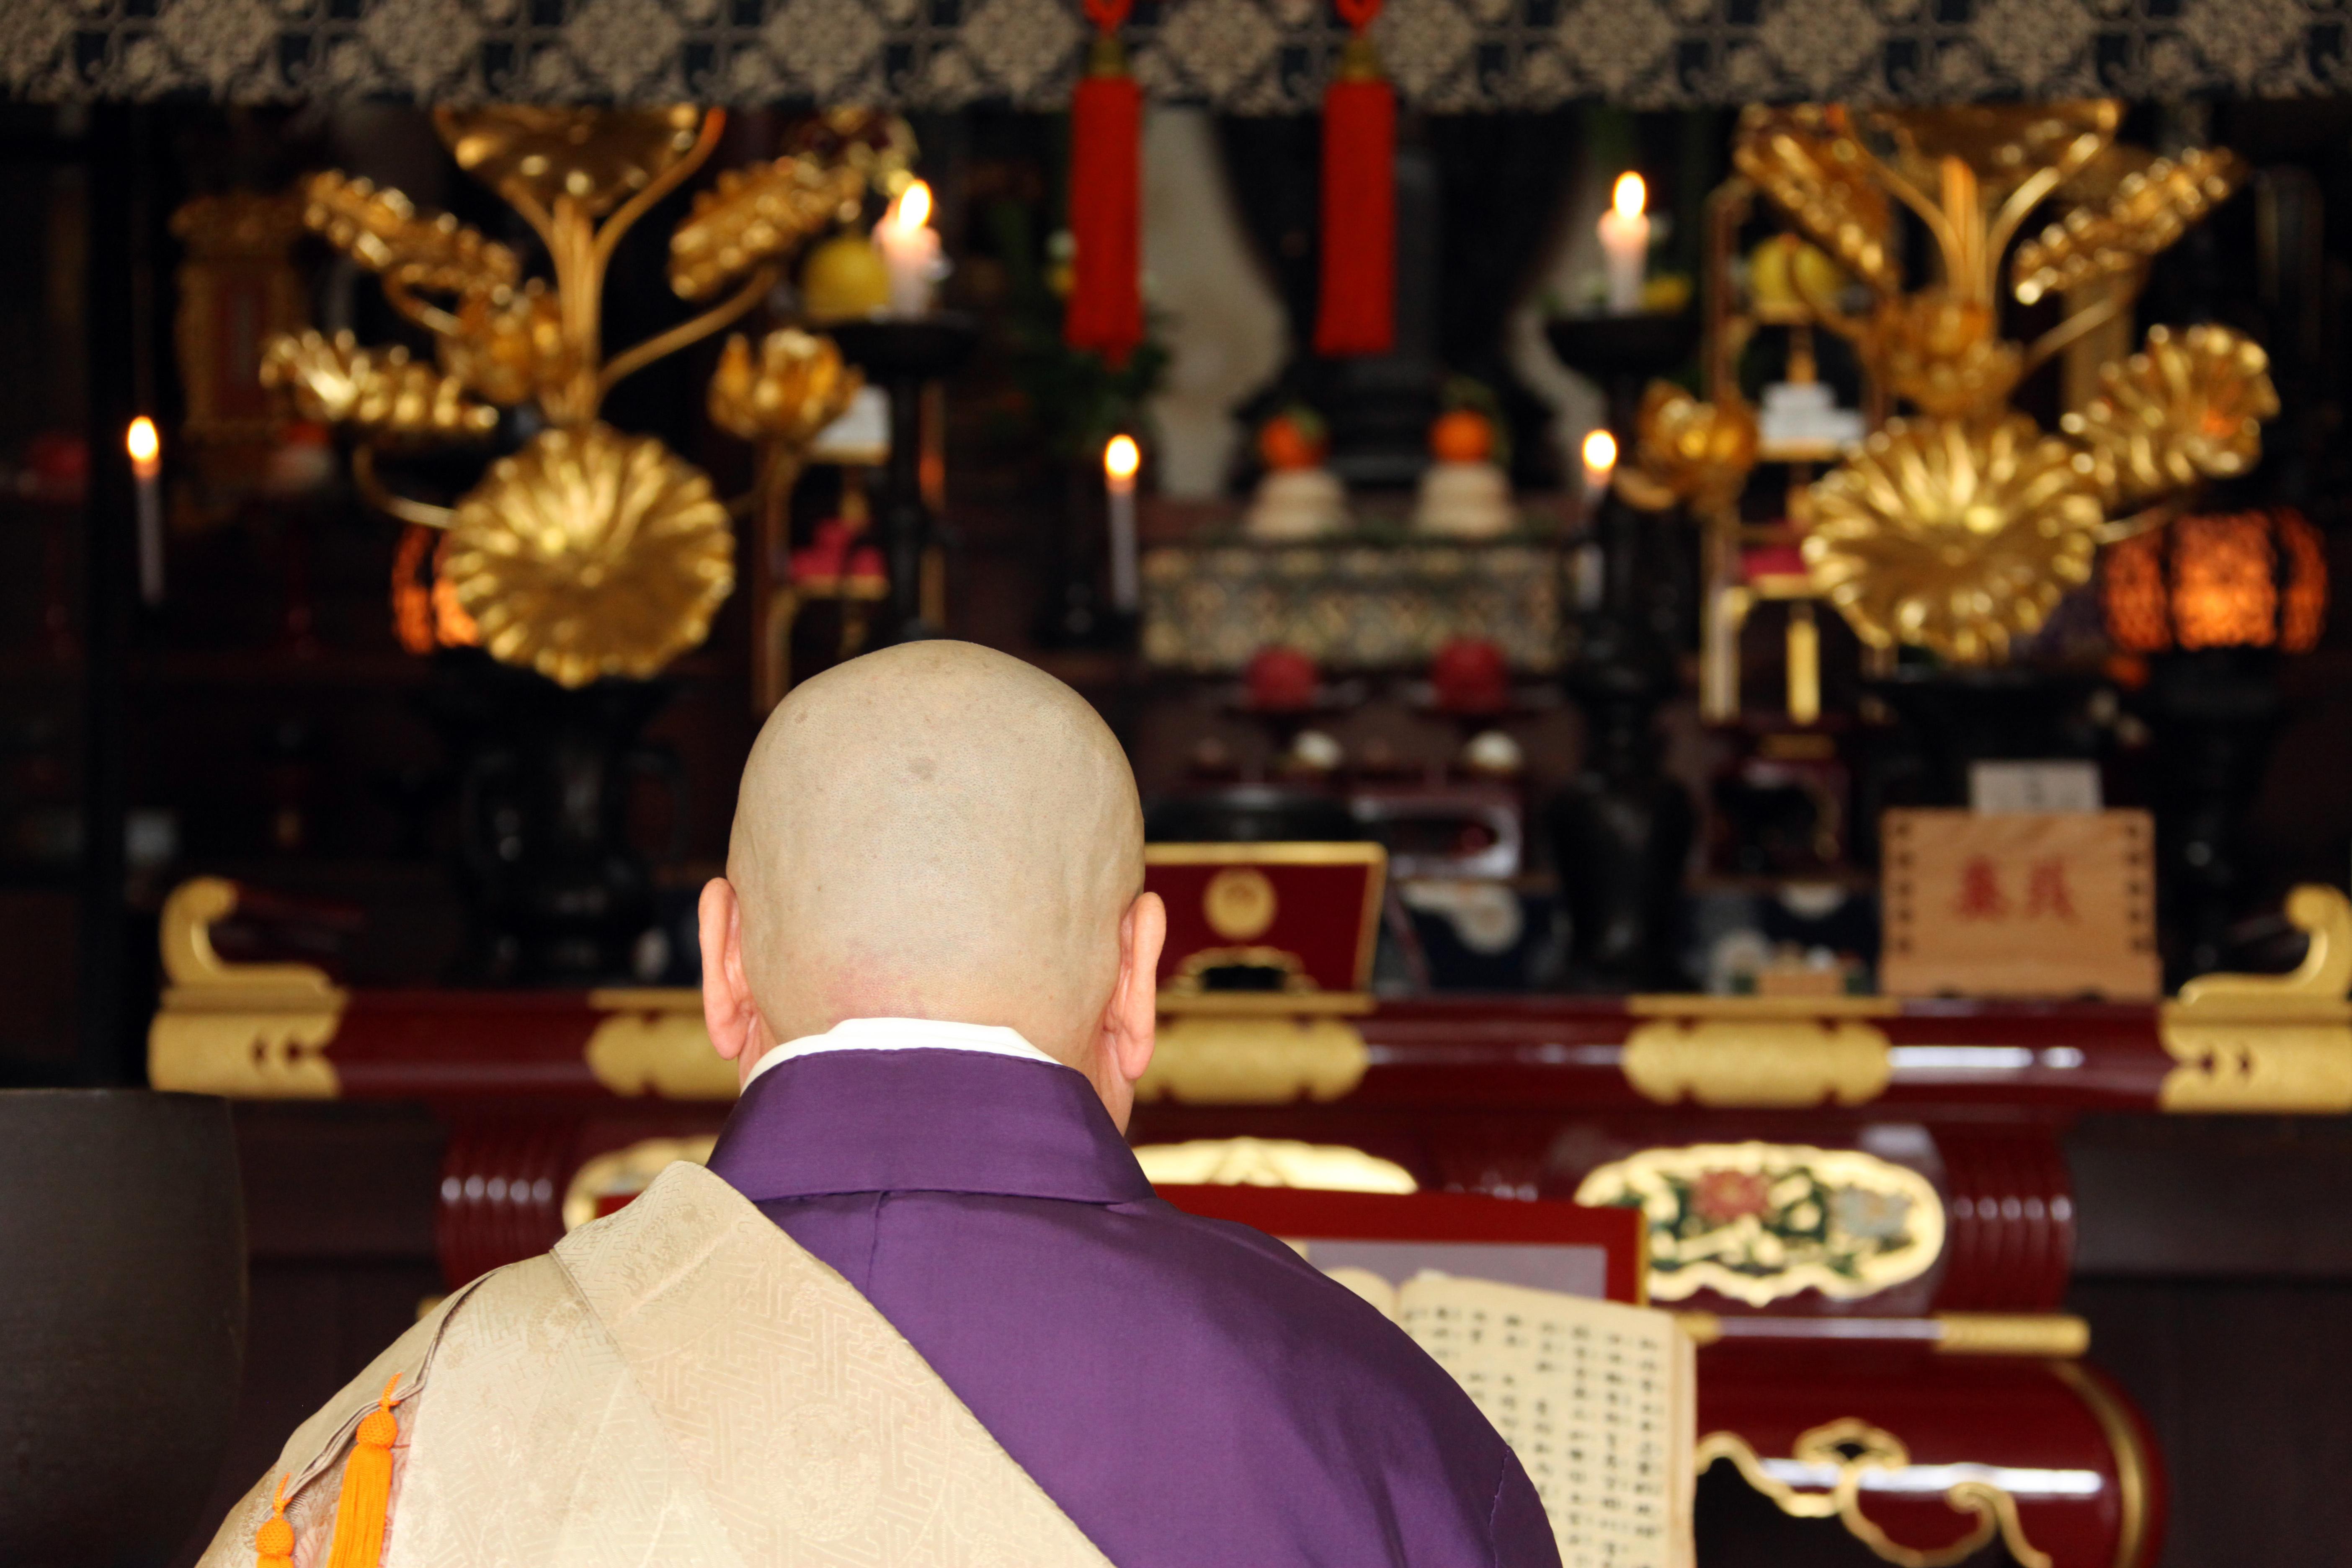 払子(ほっす)とは|葬儀の際に使われる道具の意味・用途を解説のサムネイル画像